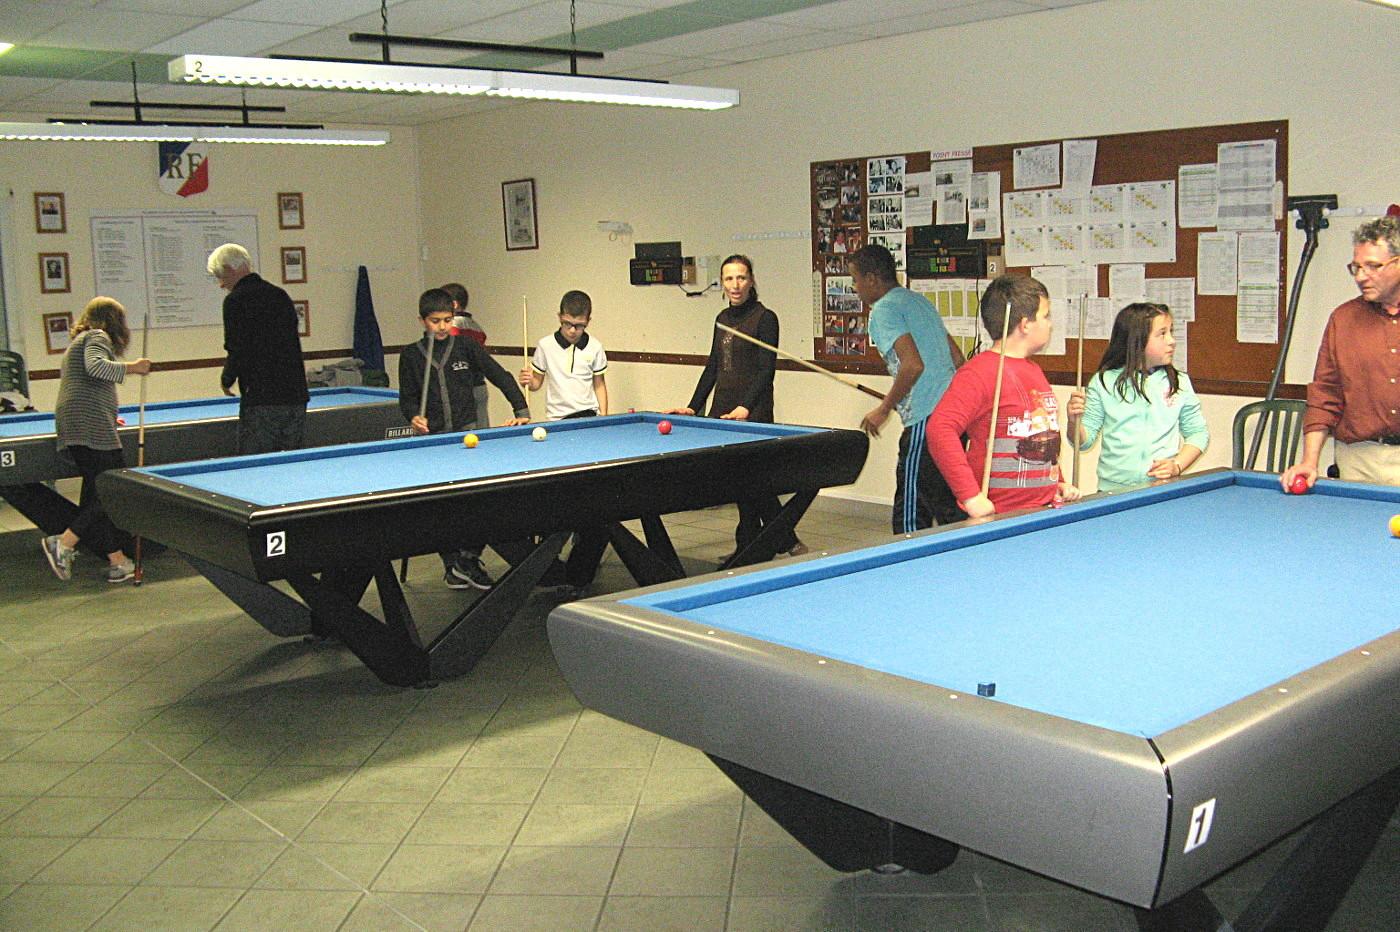 Dans la nlle salle le 12.03.2014, initiations  de jeunes du centre de loisirs St-Go